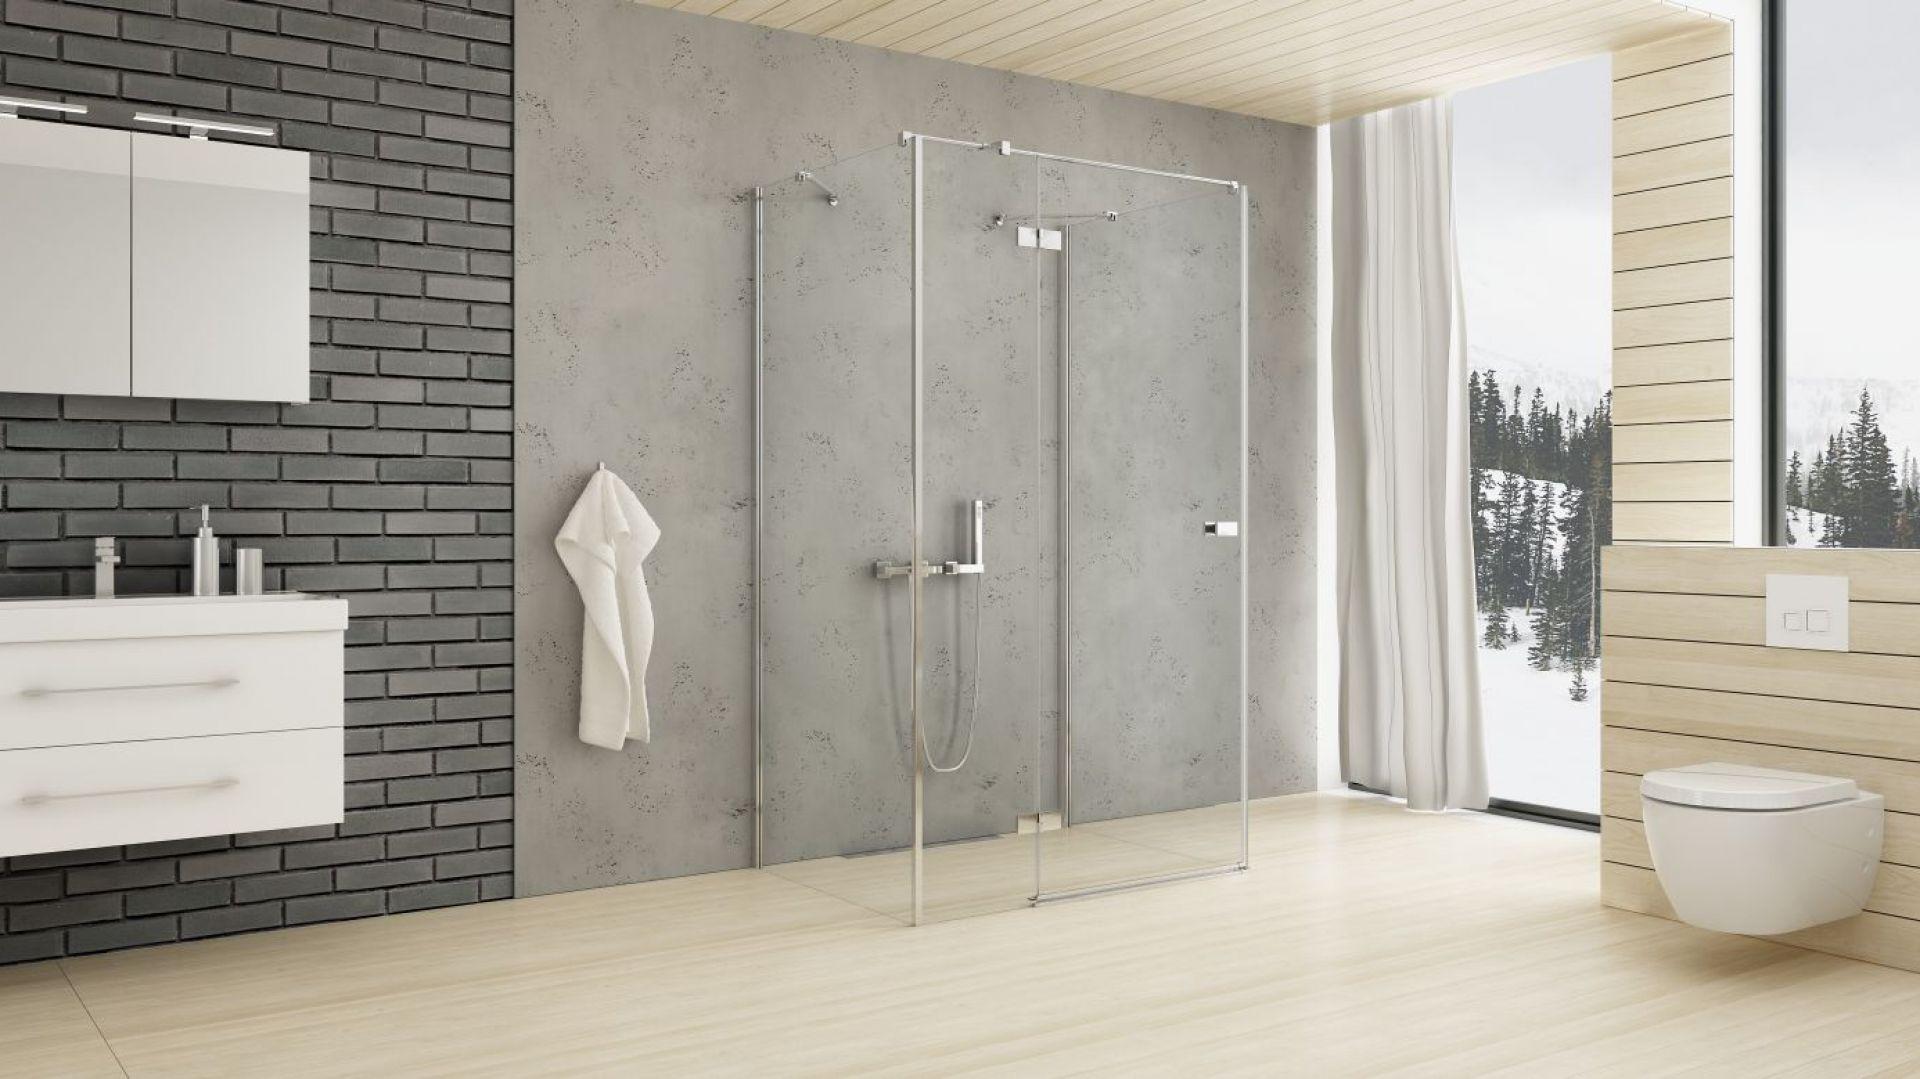 Duża łazienka - kabiny prysznicowe na wymiar. Fot. New Trendy